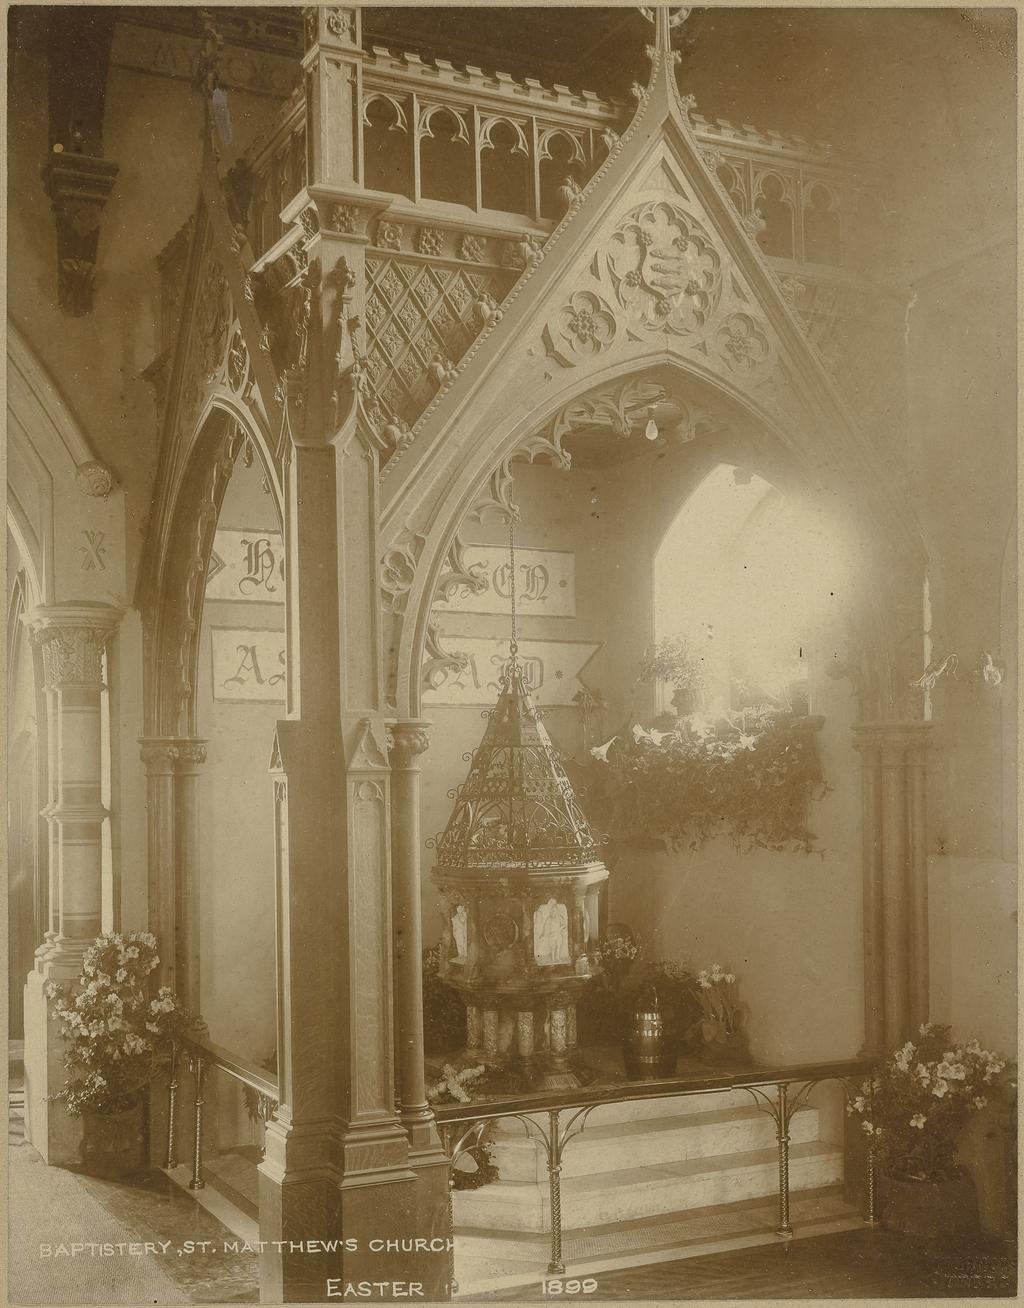 Le Baptistère de l'église Saint-Matthew's, Québec